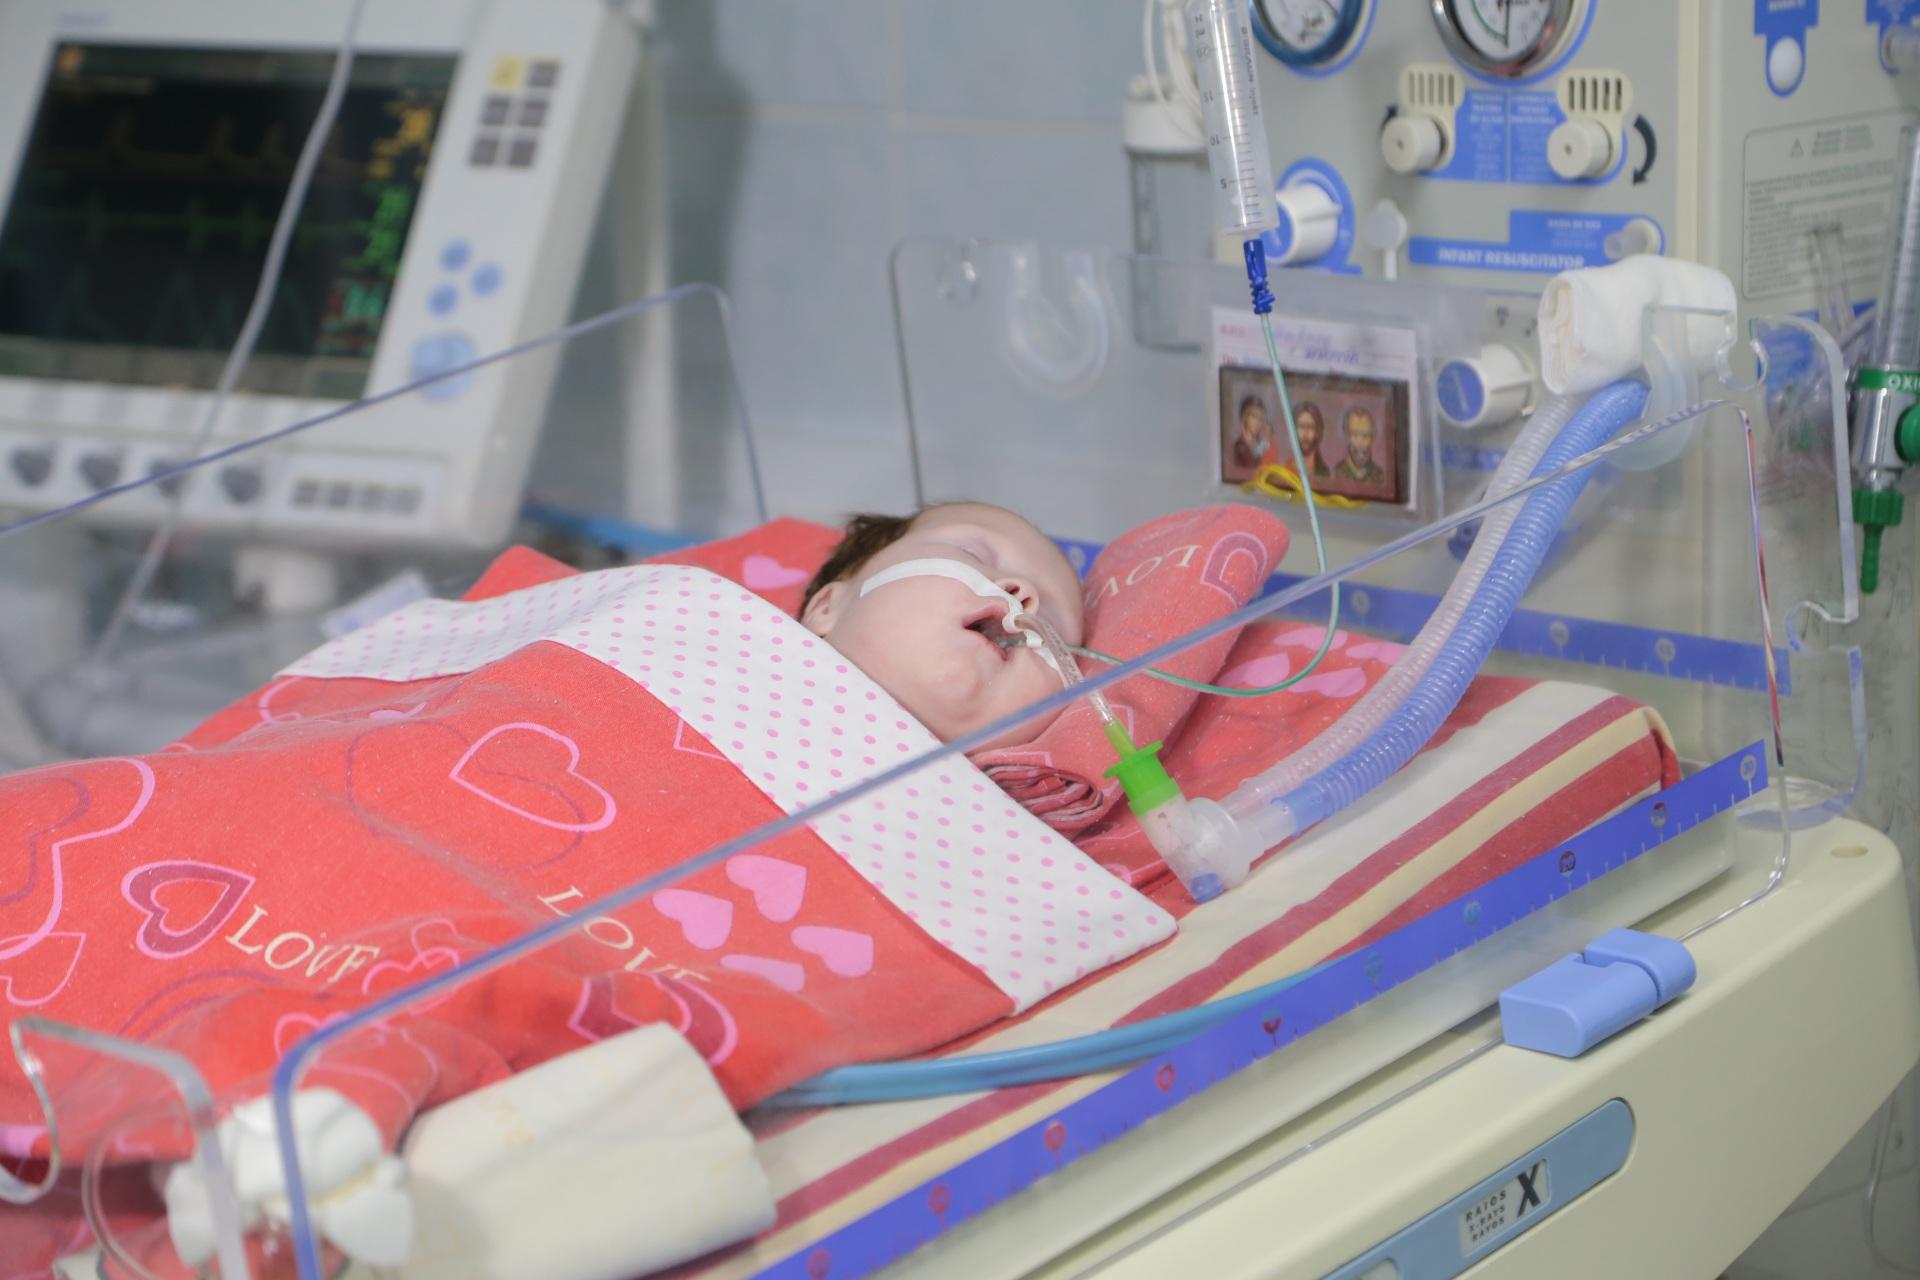 Спасти ребенка: более 80 тысяч рублей собрано Дарине Ивановой к концу рабочего дня